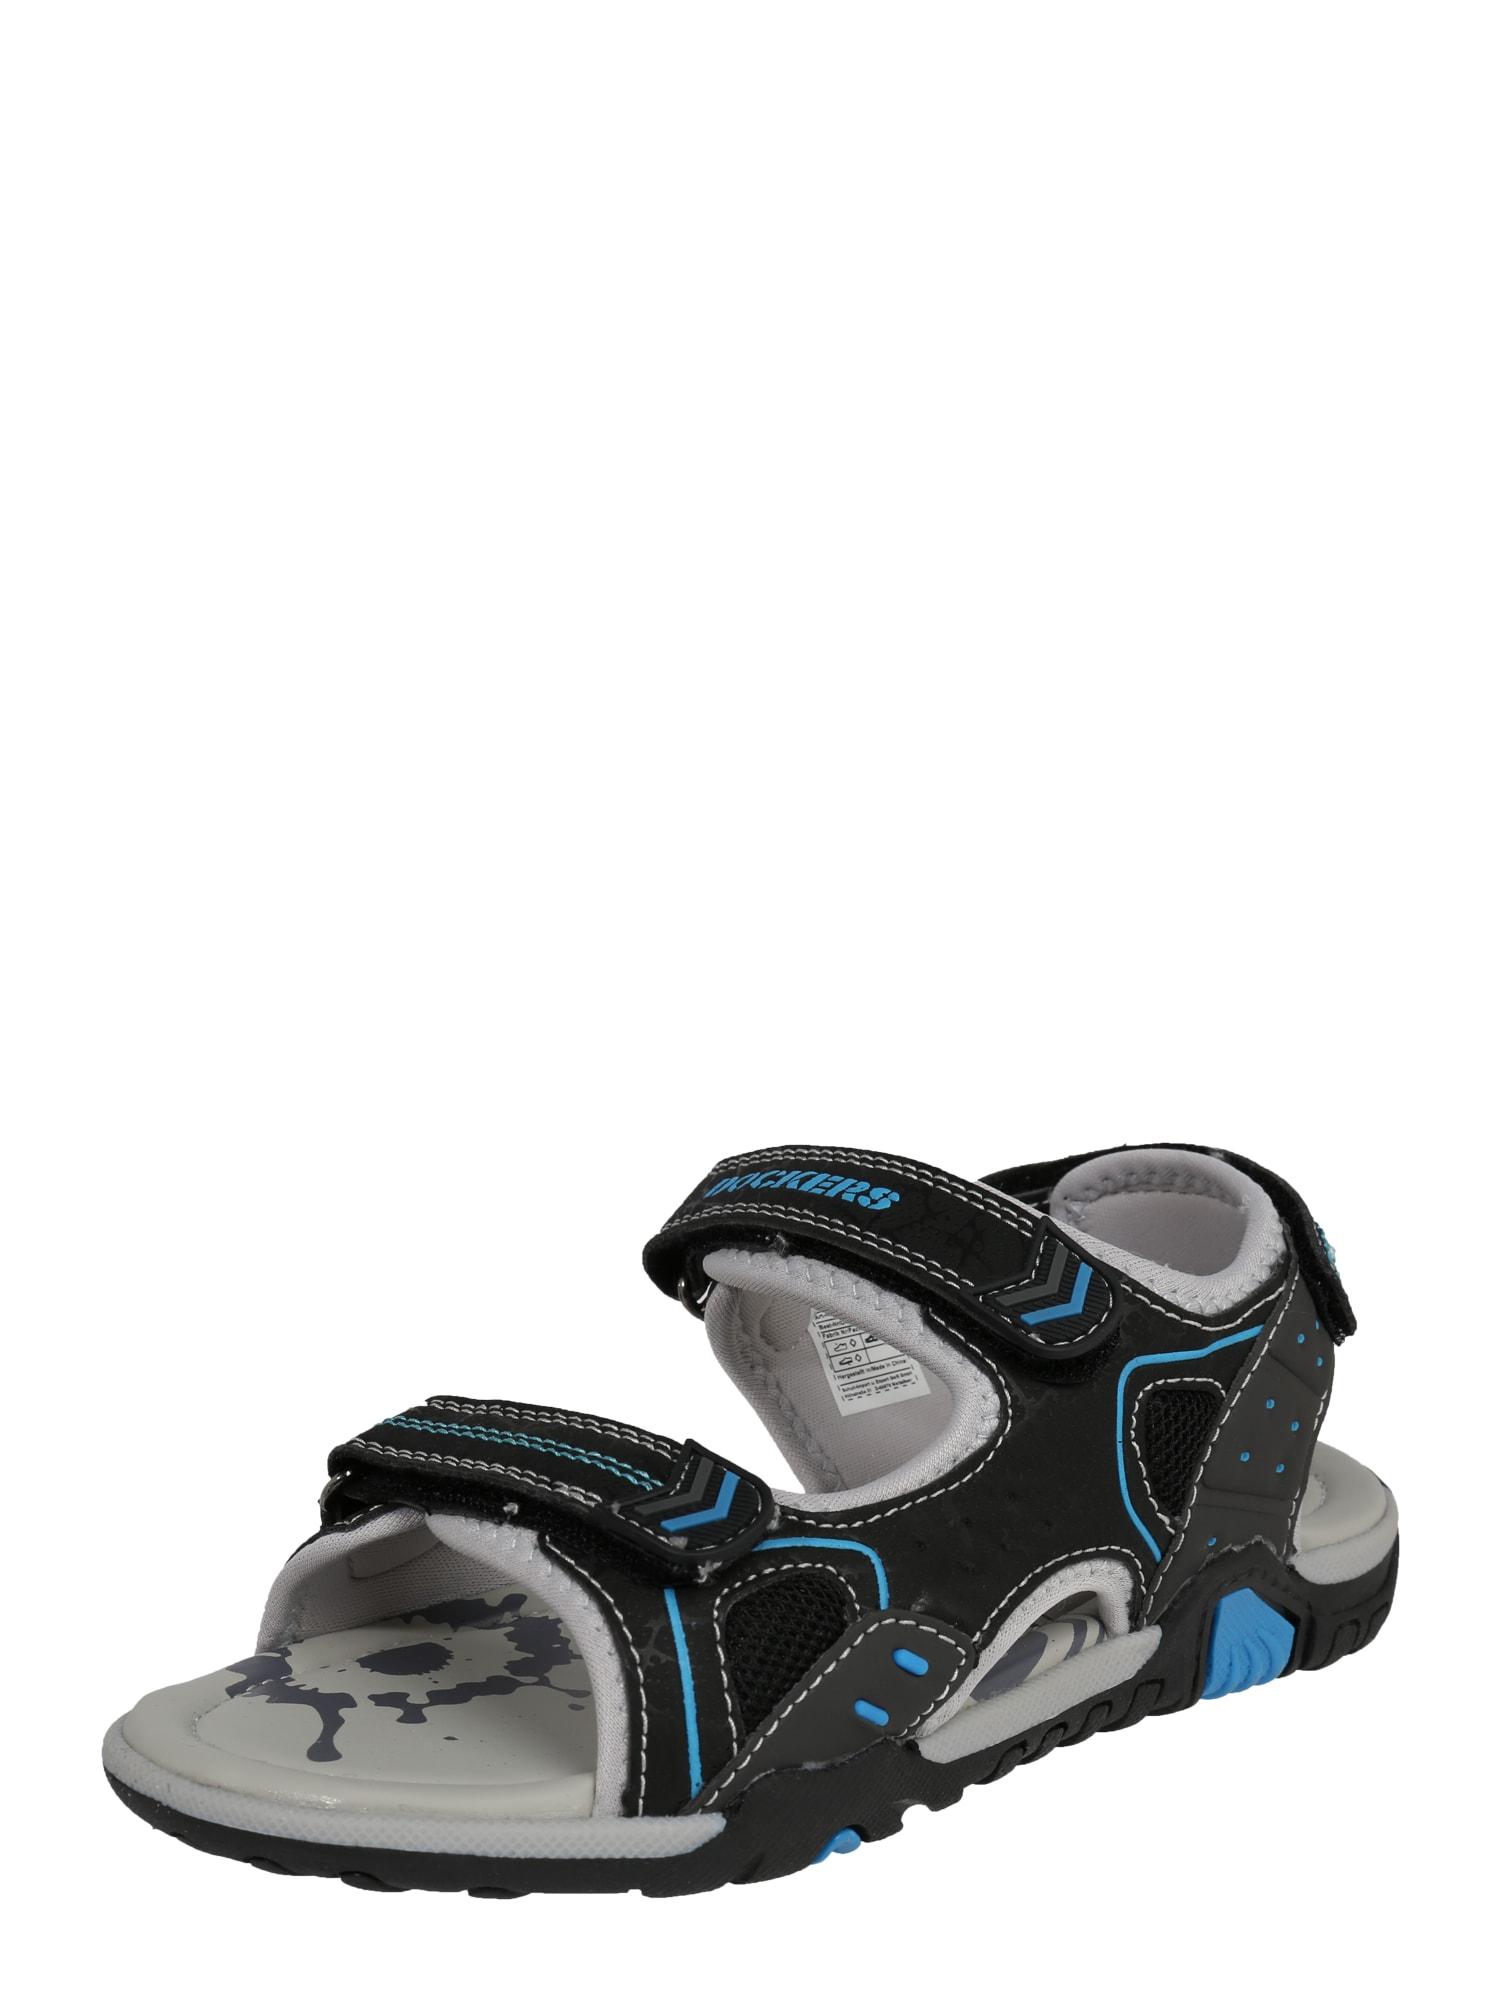 Otevřená obuv svítivě modrá světle šedá černá Dockers By Gerli